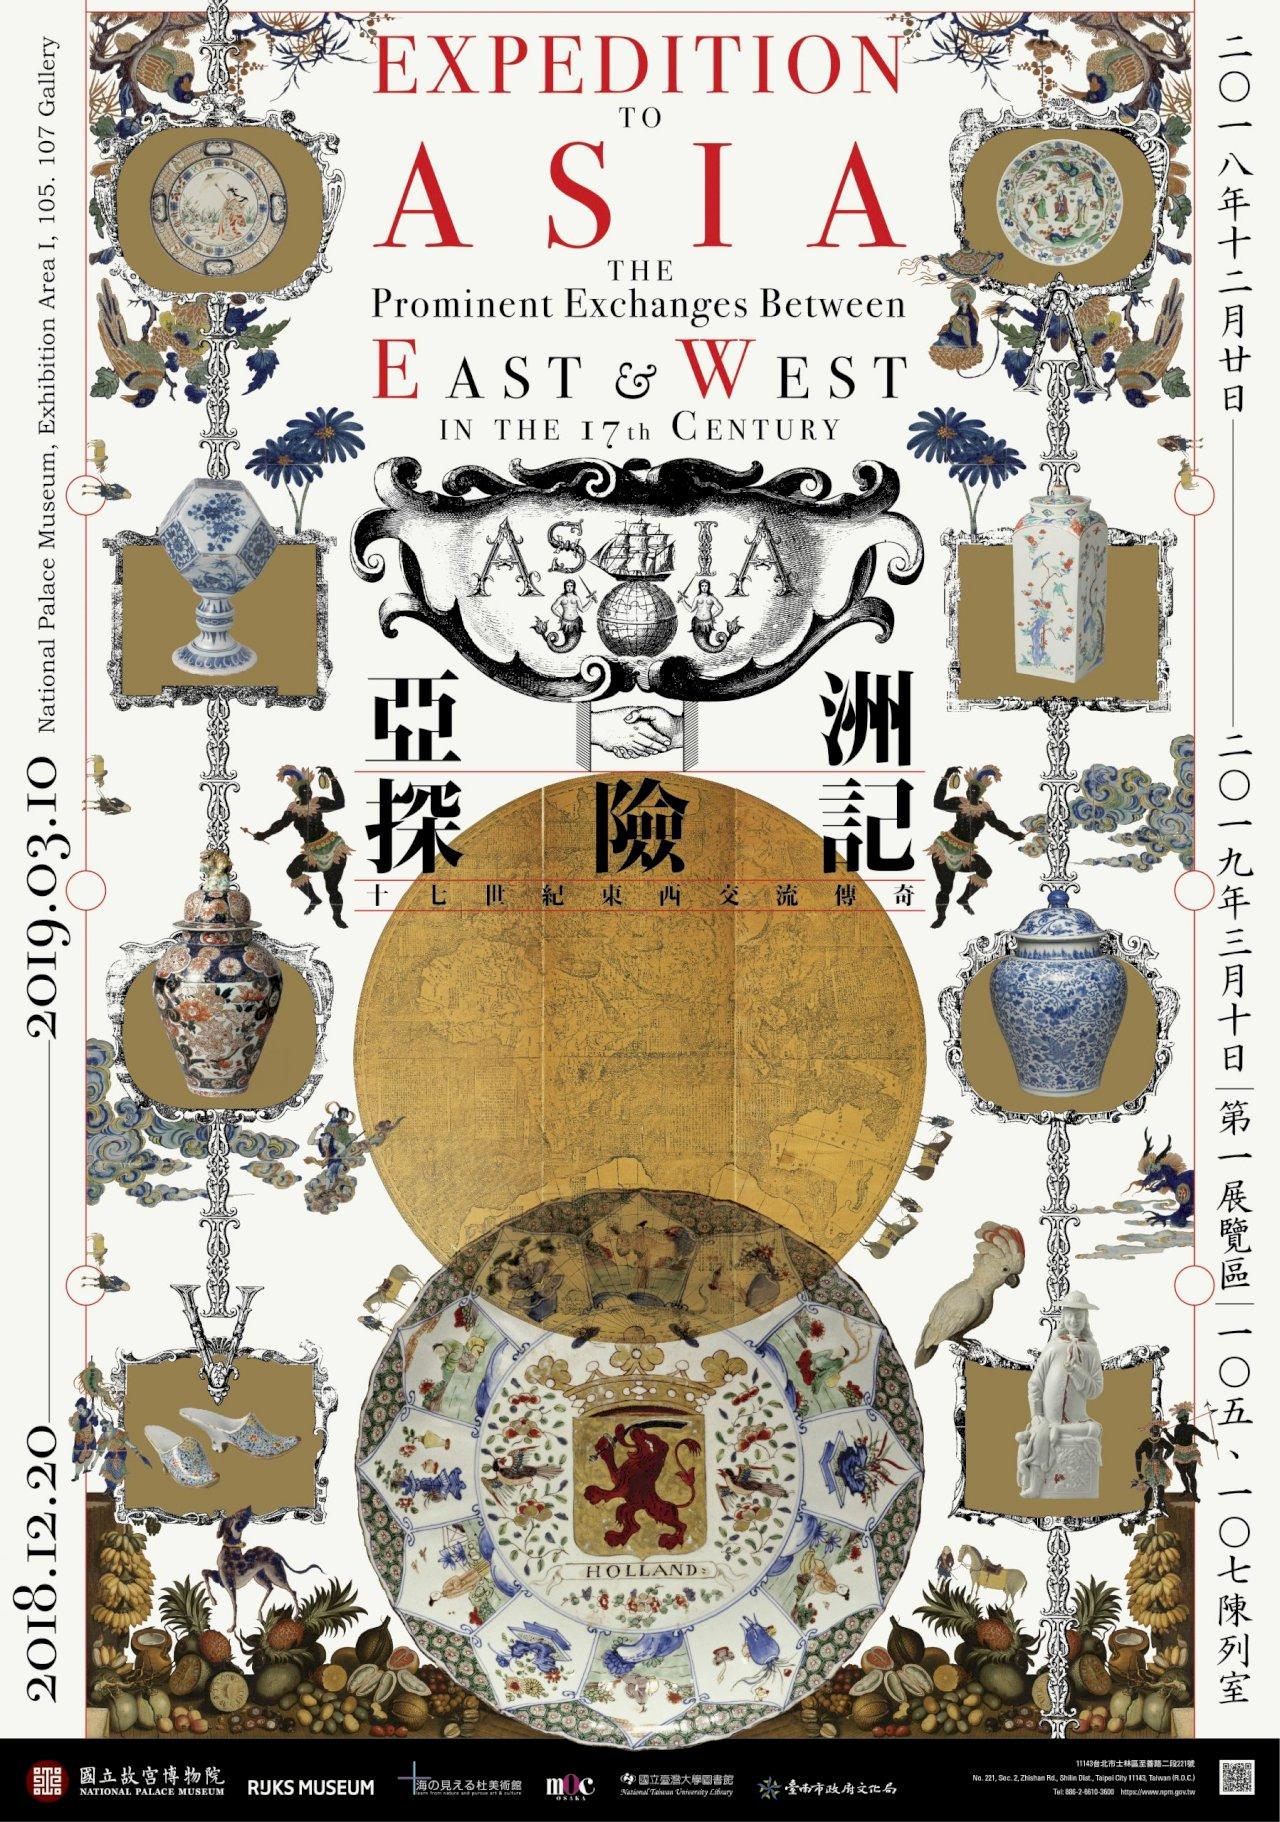 아시아 탐험기 - 17세기 동서 교류 전기